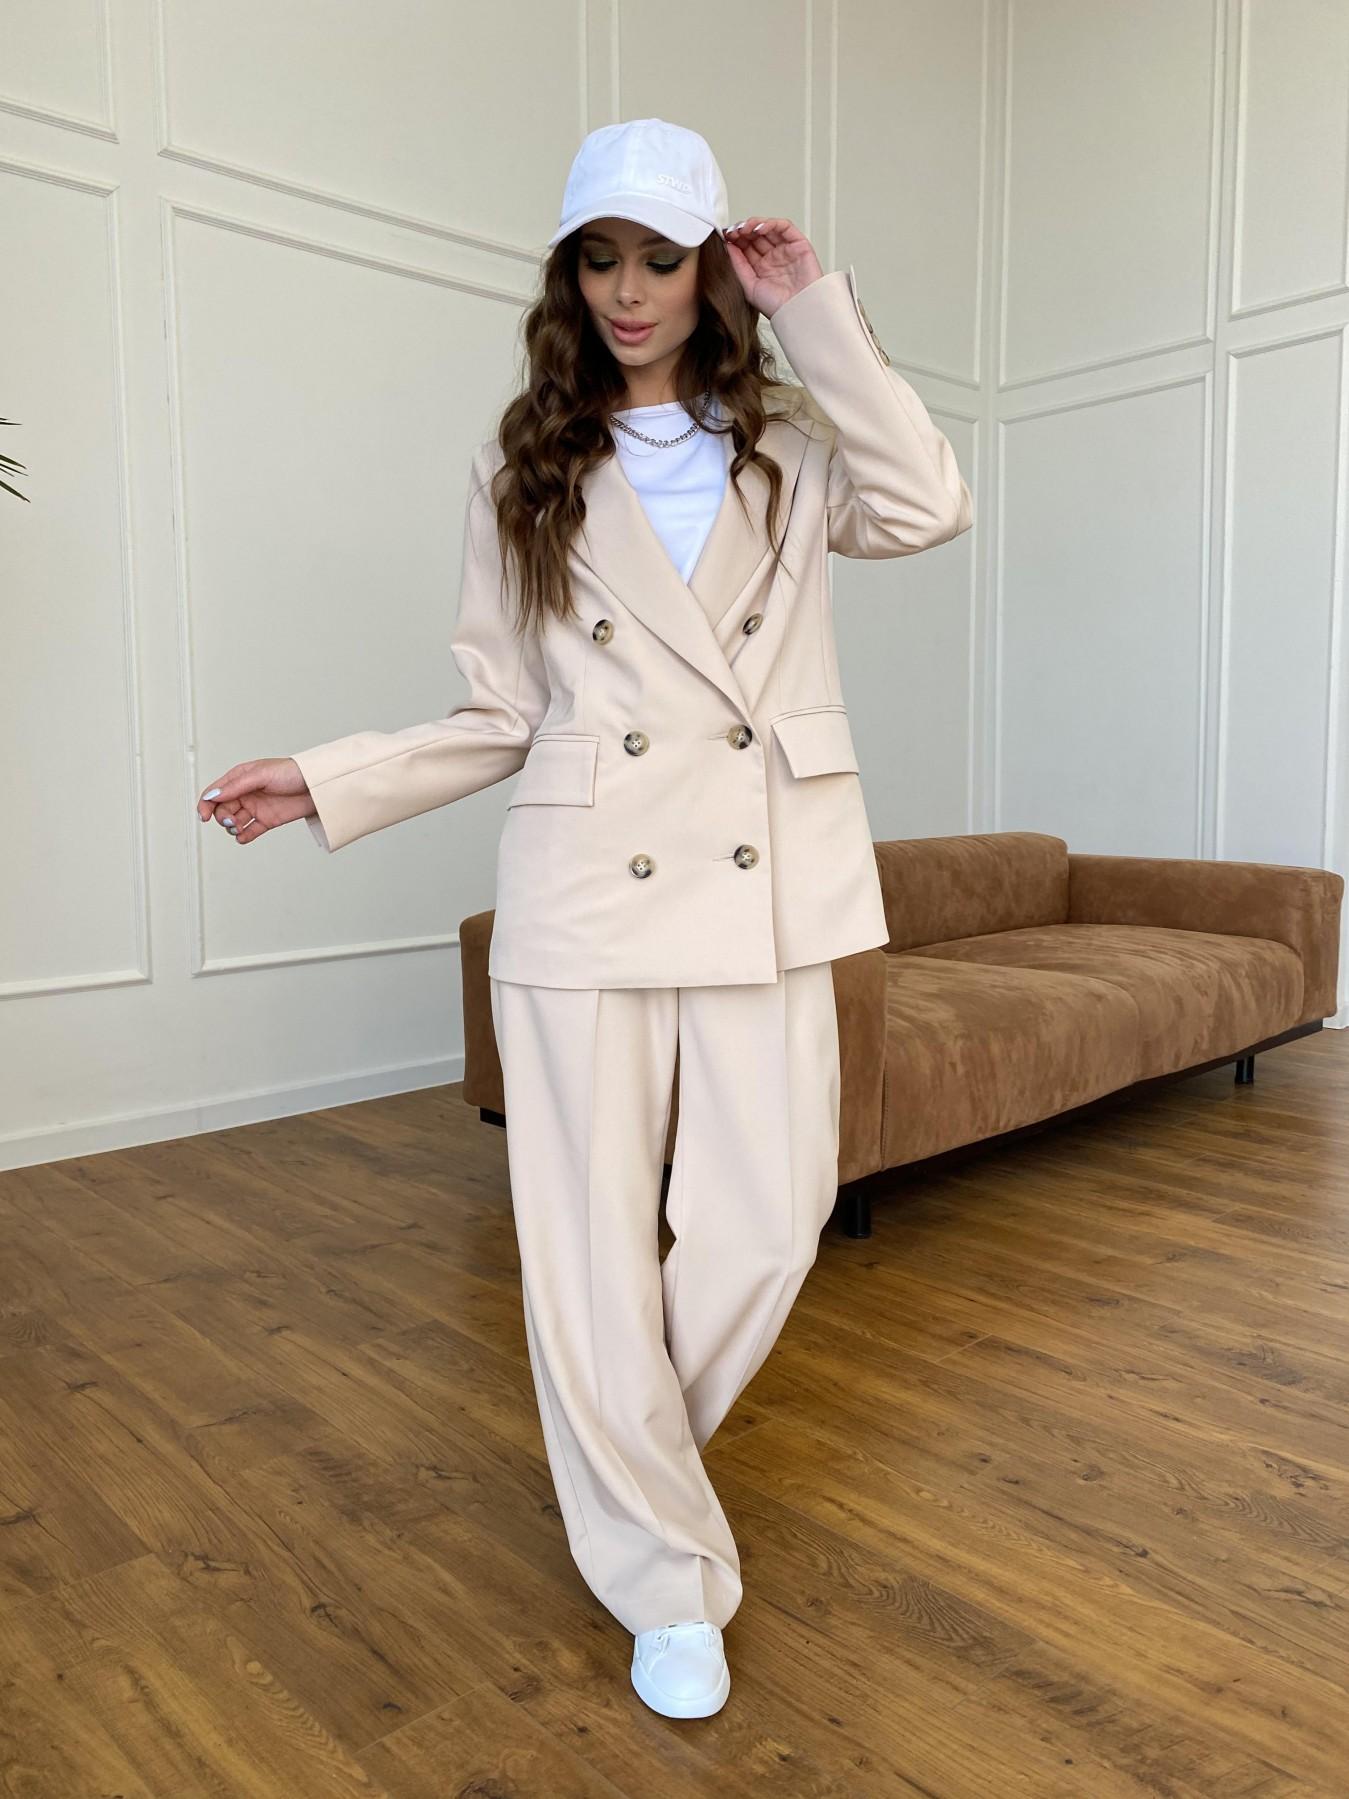 Белисимо  костюм стрейч из костюмной ткани 11217 АРТ. 47721 Цвет: Бежевый - фото 3, интернет магазин tm-modus.ru